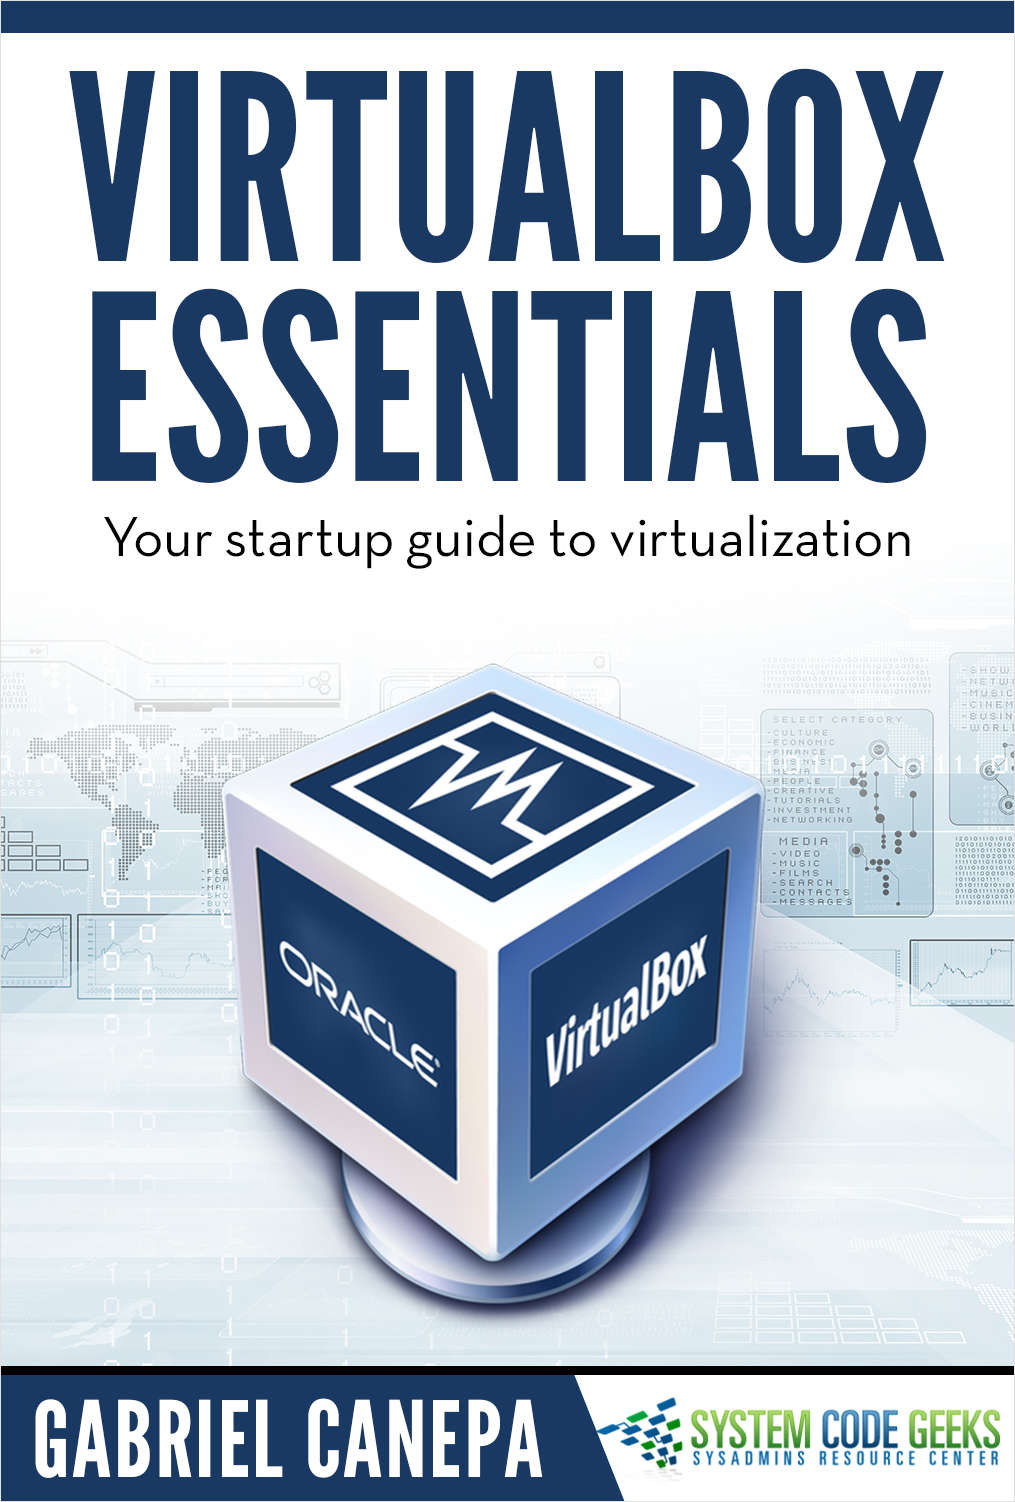 VirtualBox Essentials Guide